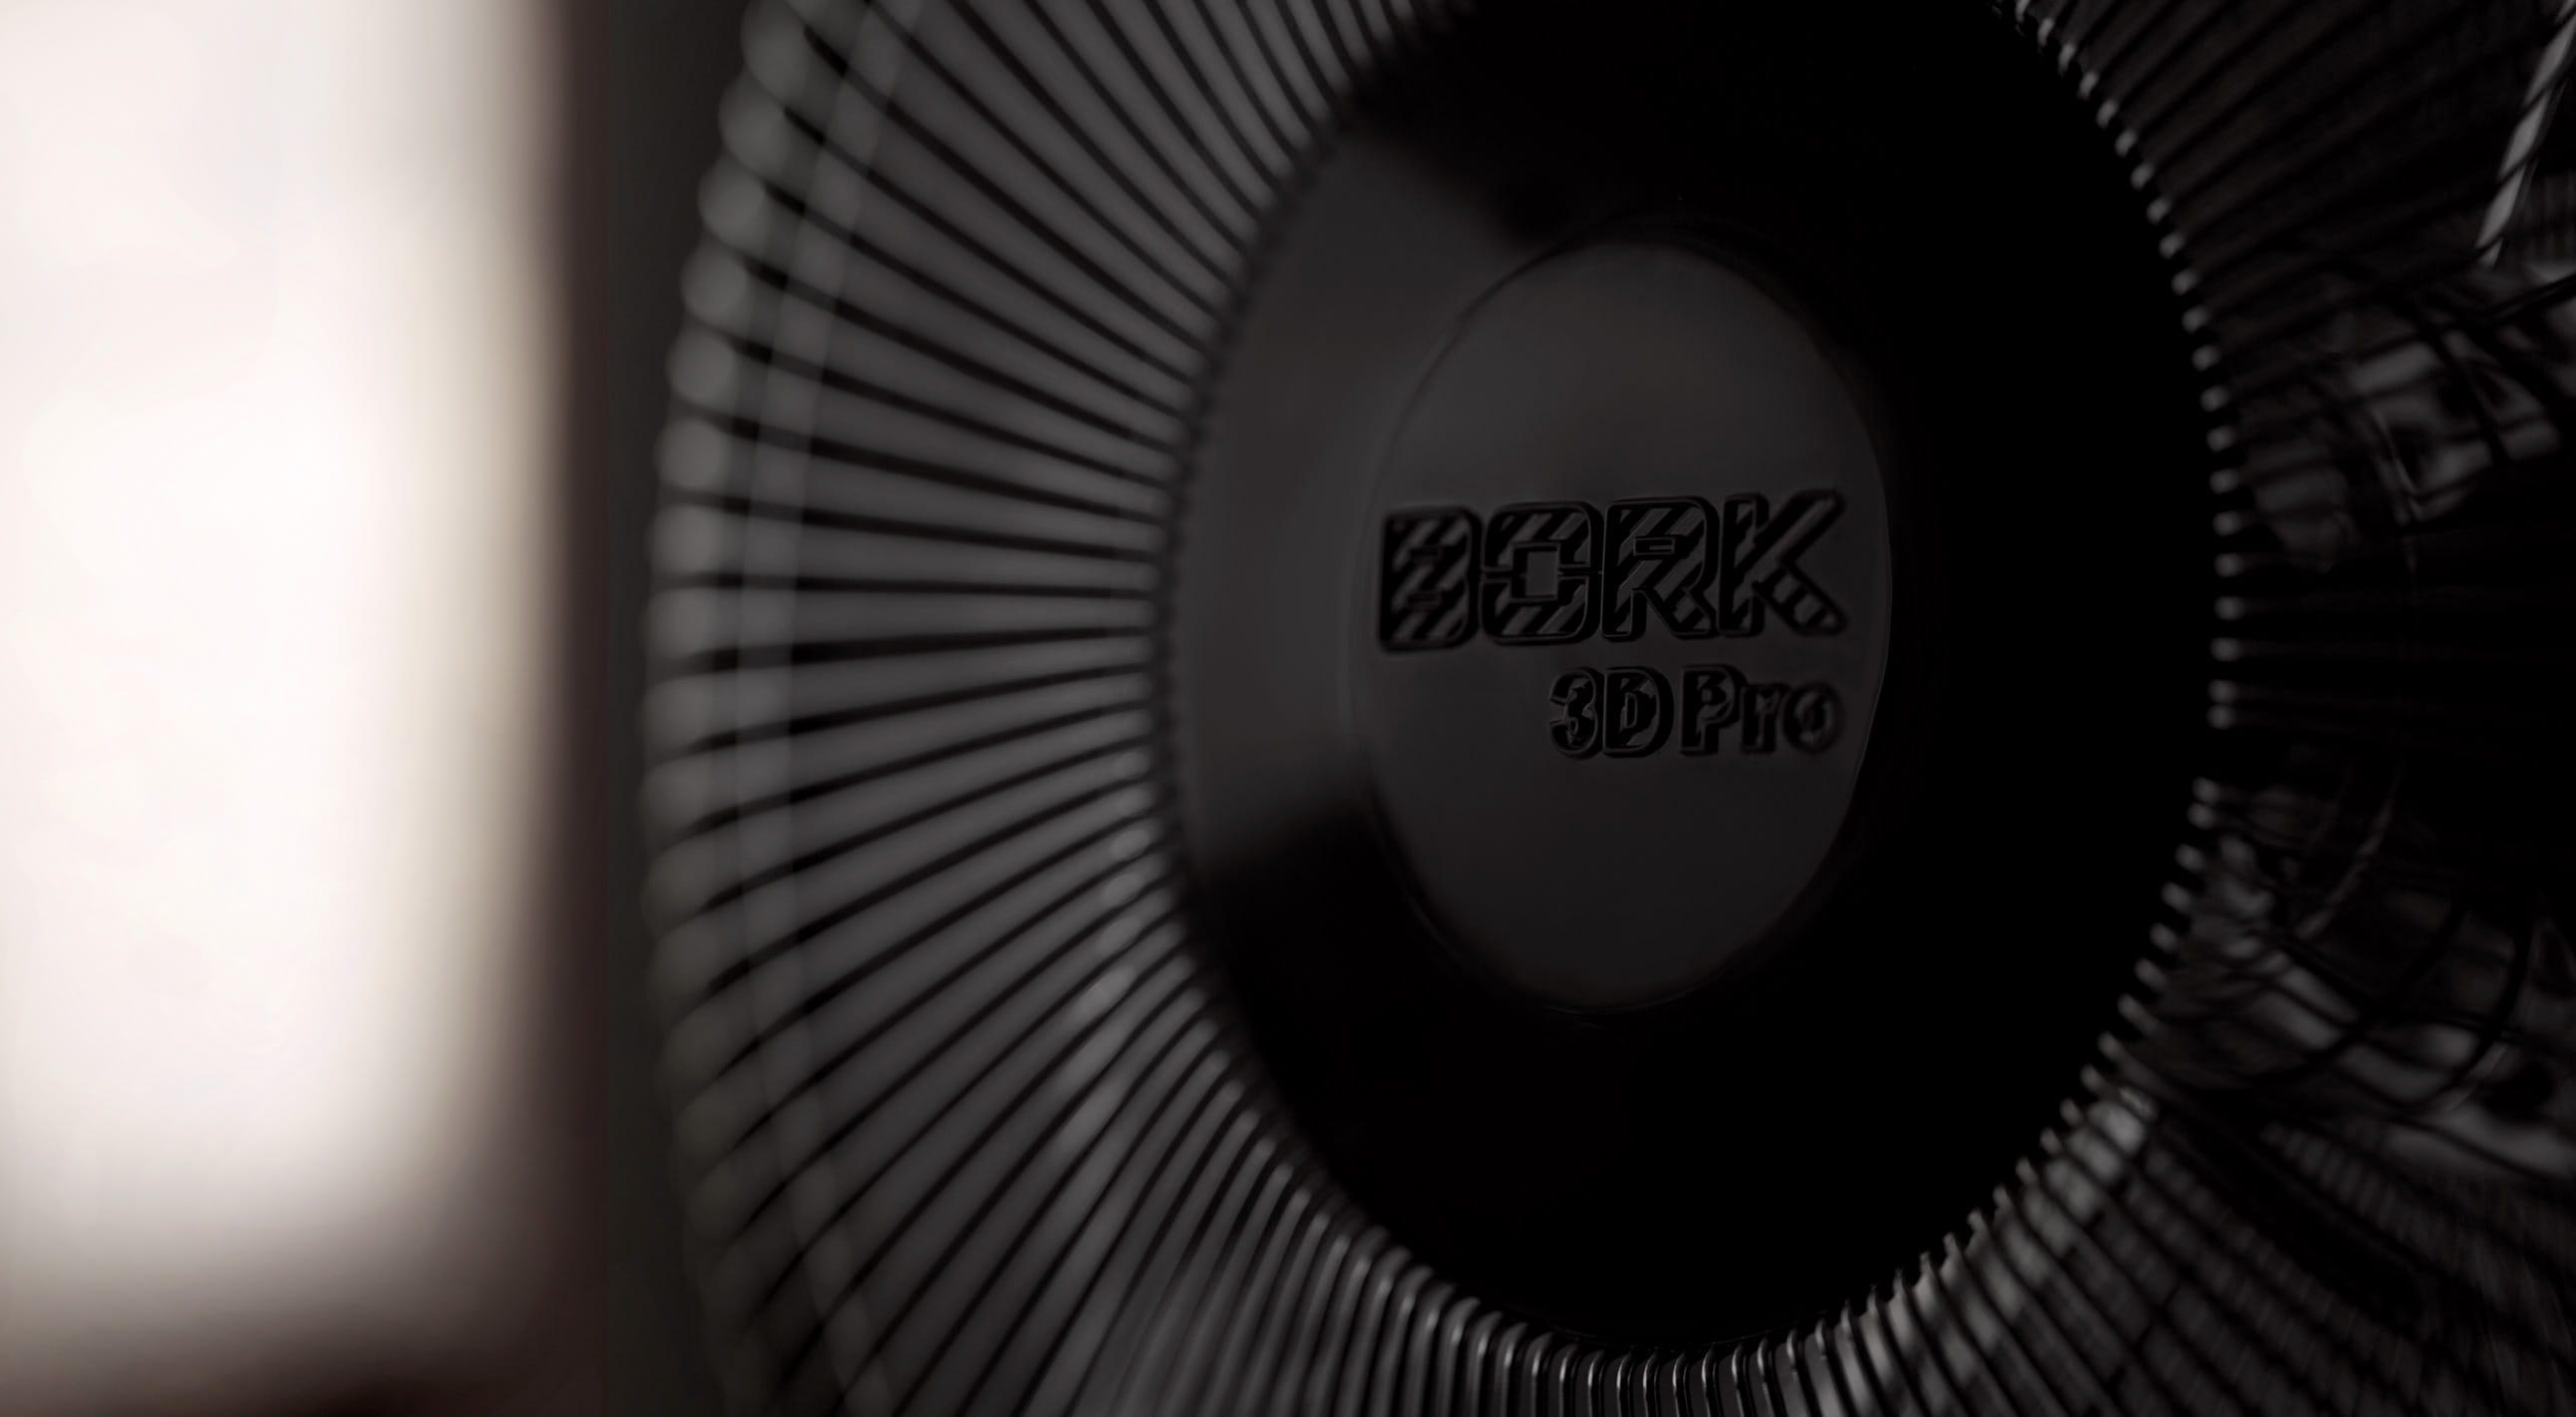 фото вентилятора BORK